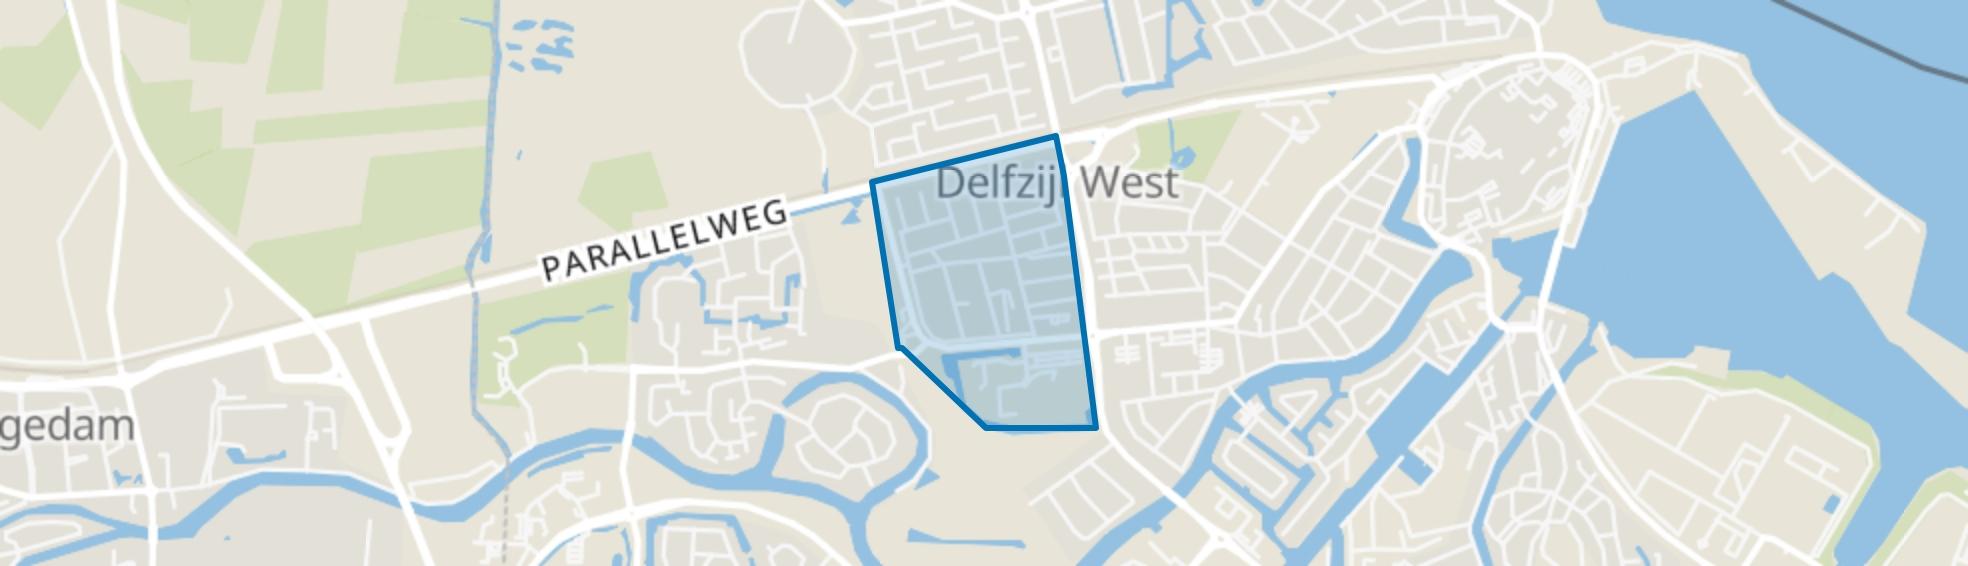 Steenbakkersbuurt, Delfzijl map